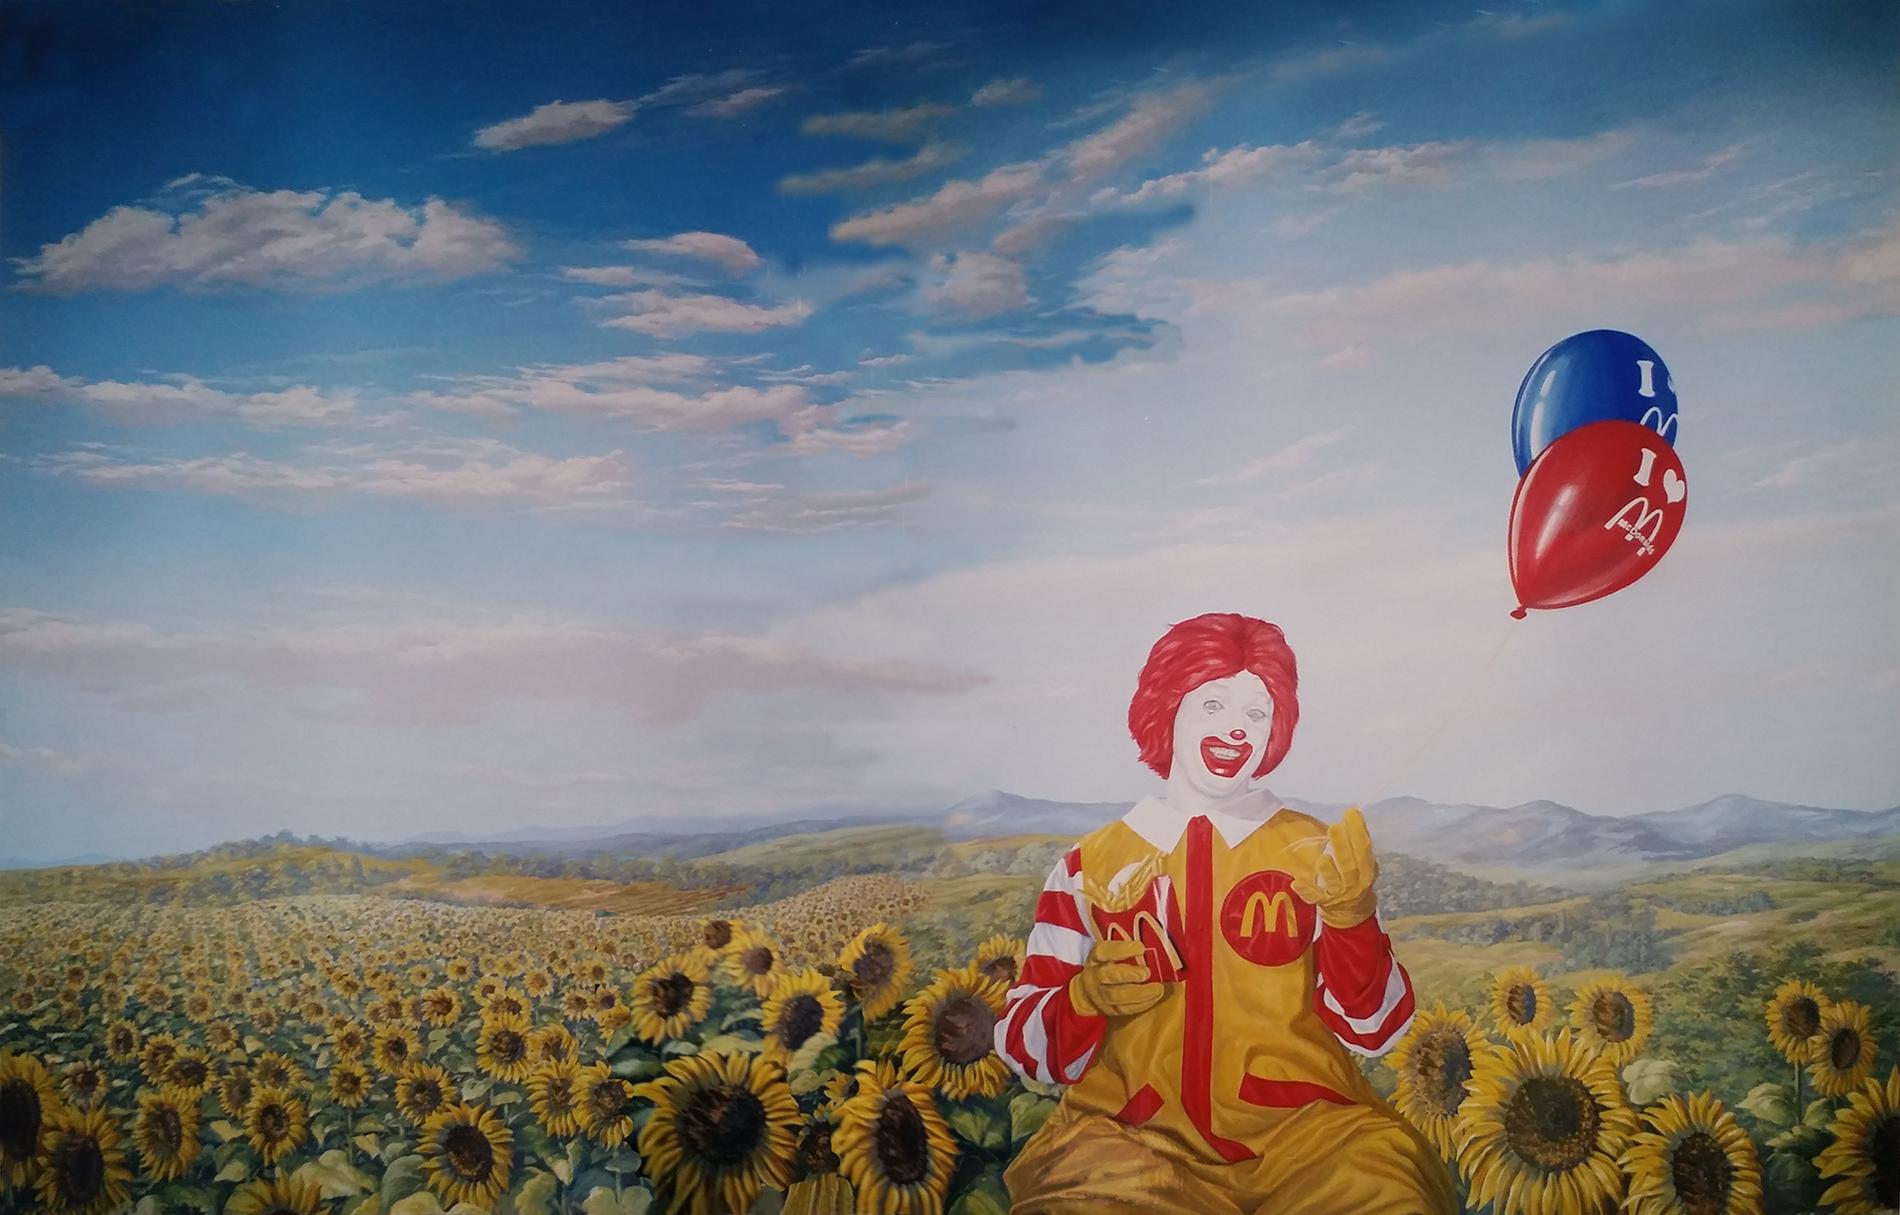 """""""Il pagliaccio Ronald's"""" Mc Donald's Roma, tecnica mista, acrilico su tela, acrilico su tela poi incollata su parete, decorazione per fast food, decorazione realizzata ad aereografo e dipinta a pennello, decorazione per pub, decorazione per fast food, decorazione per ristoranti, decorazione per discoteche"""